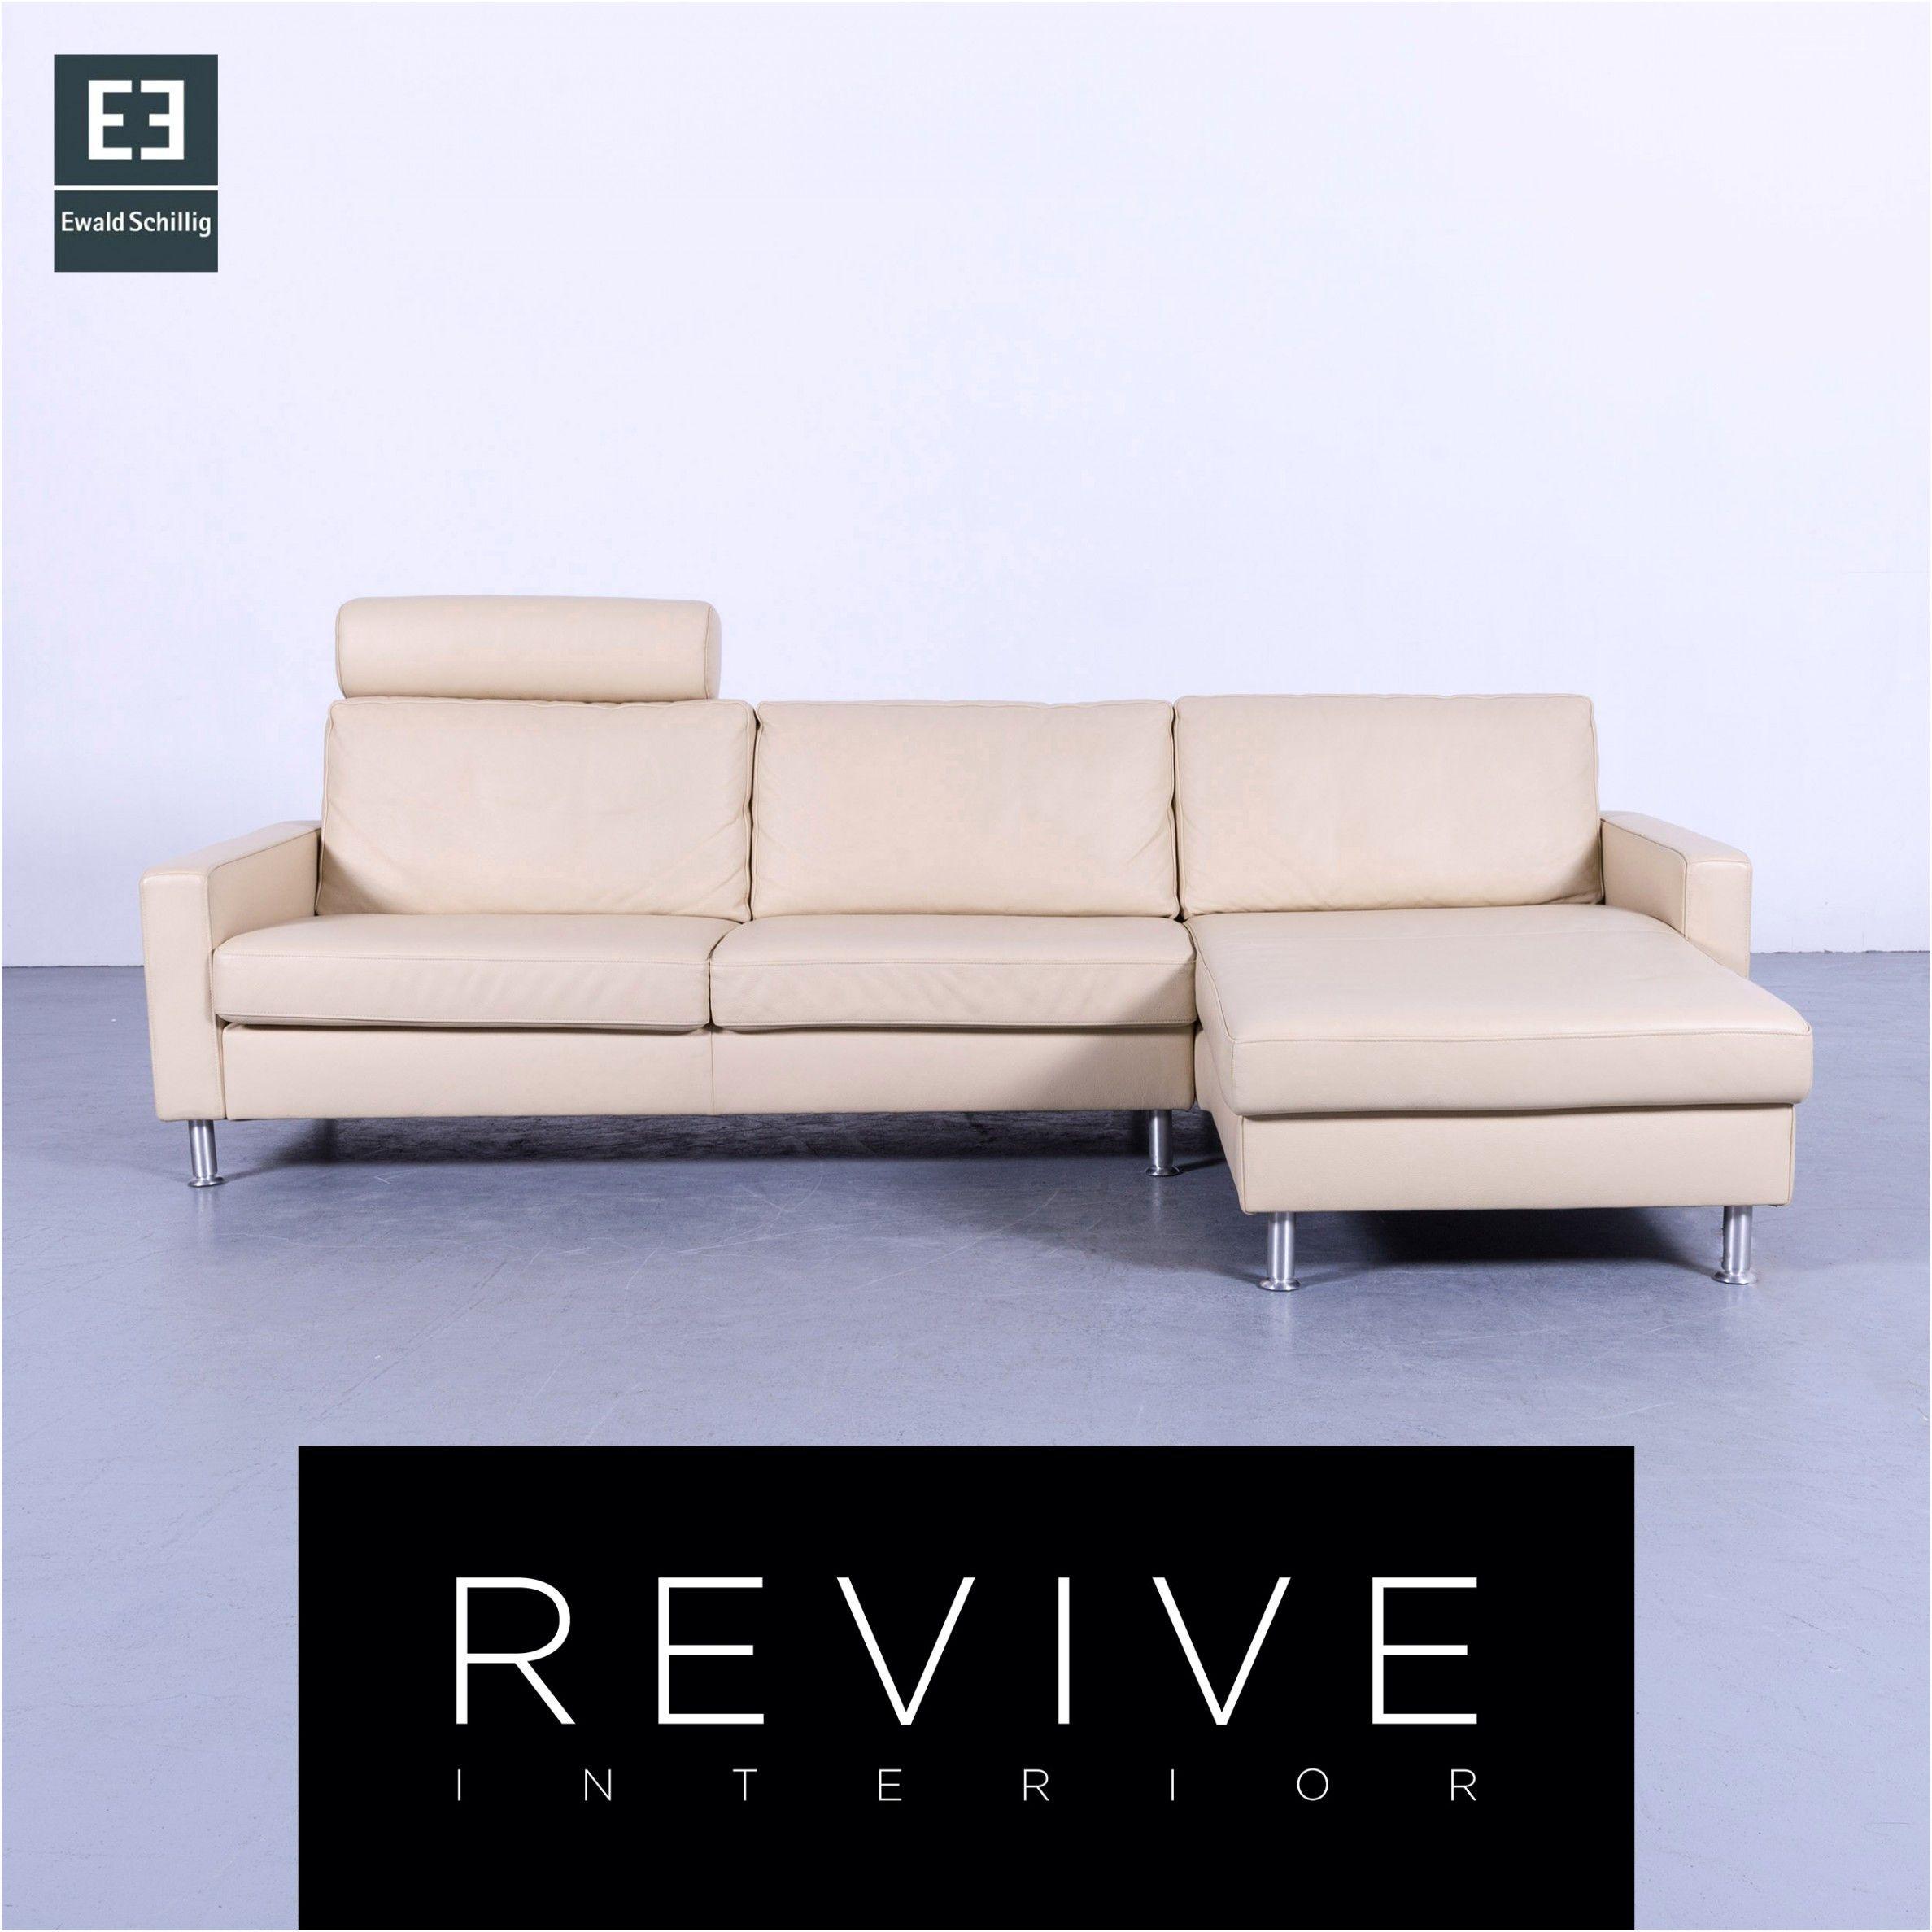 Wunderbar Elektrisches Sofa Beste Wahl Frisch Couch Elektrisch